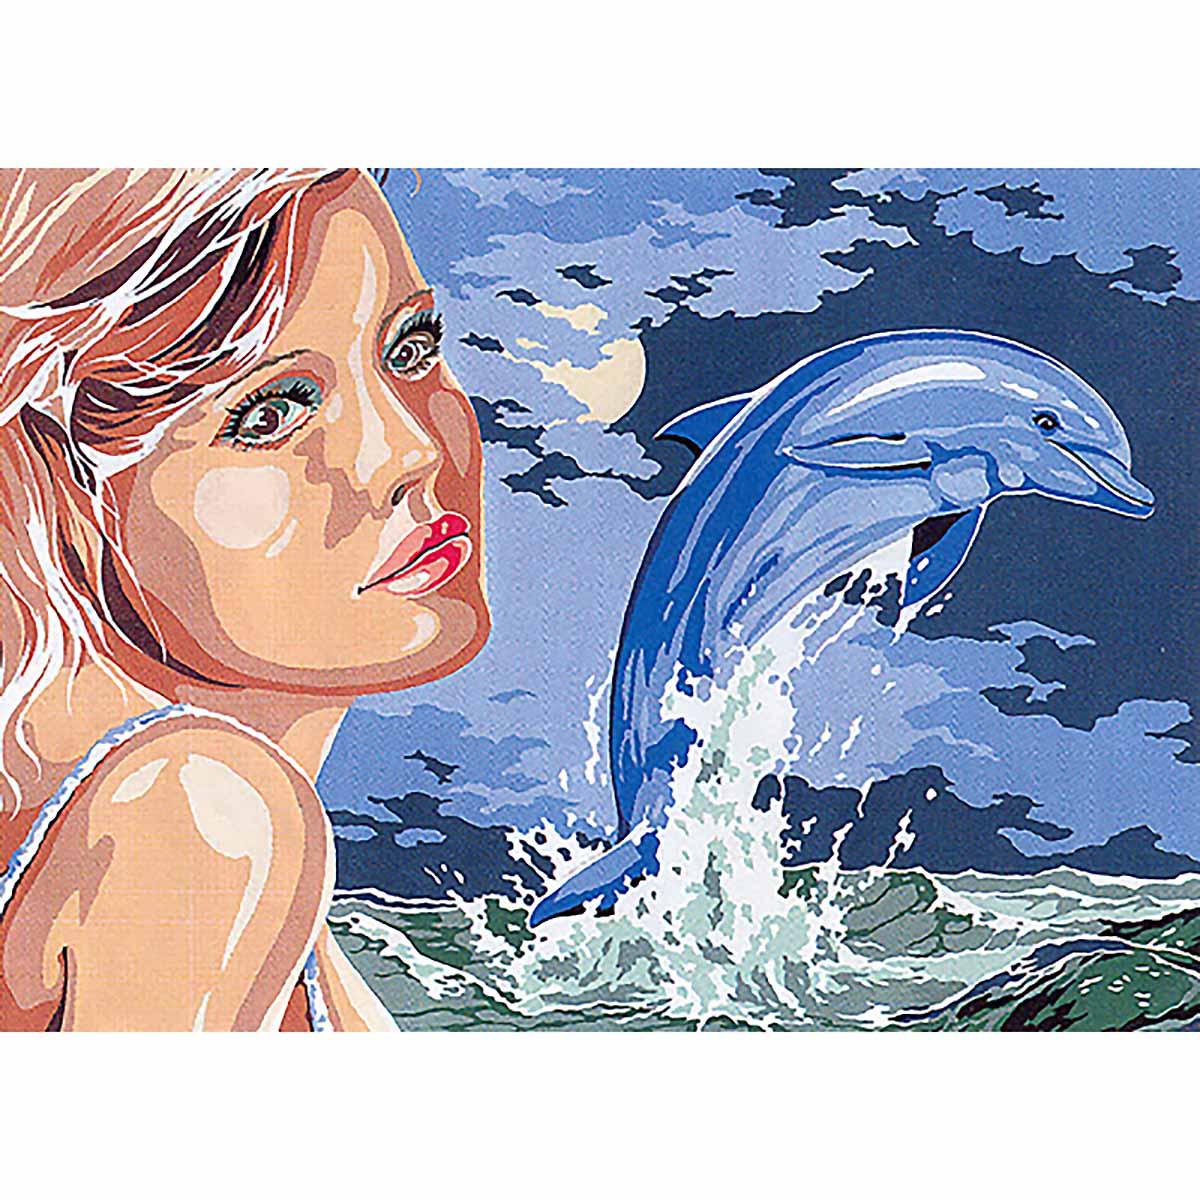 SE929-359 Канва с рисунком SEG de Paris 'Морские мечты' 45*60 см